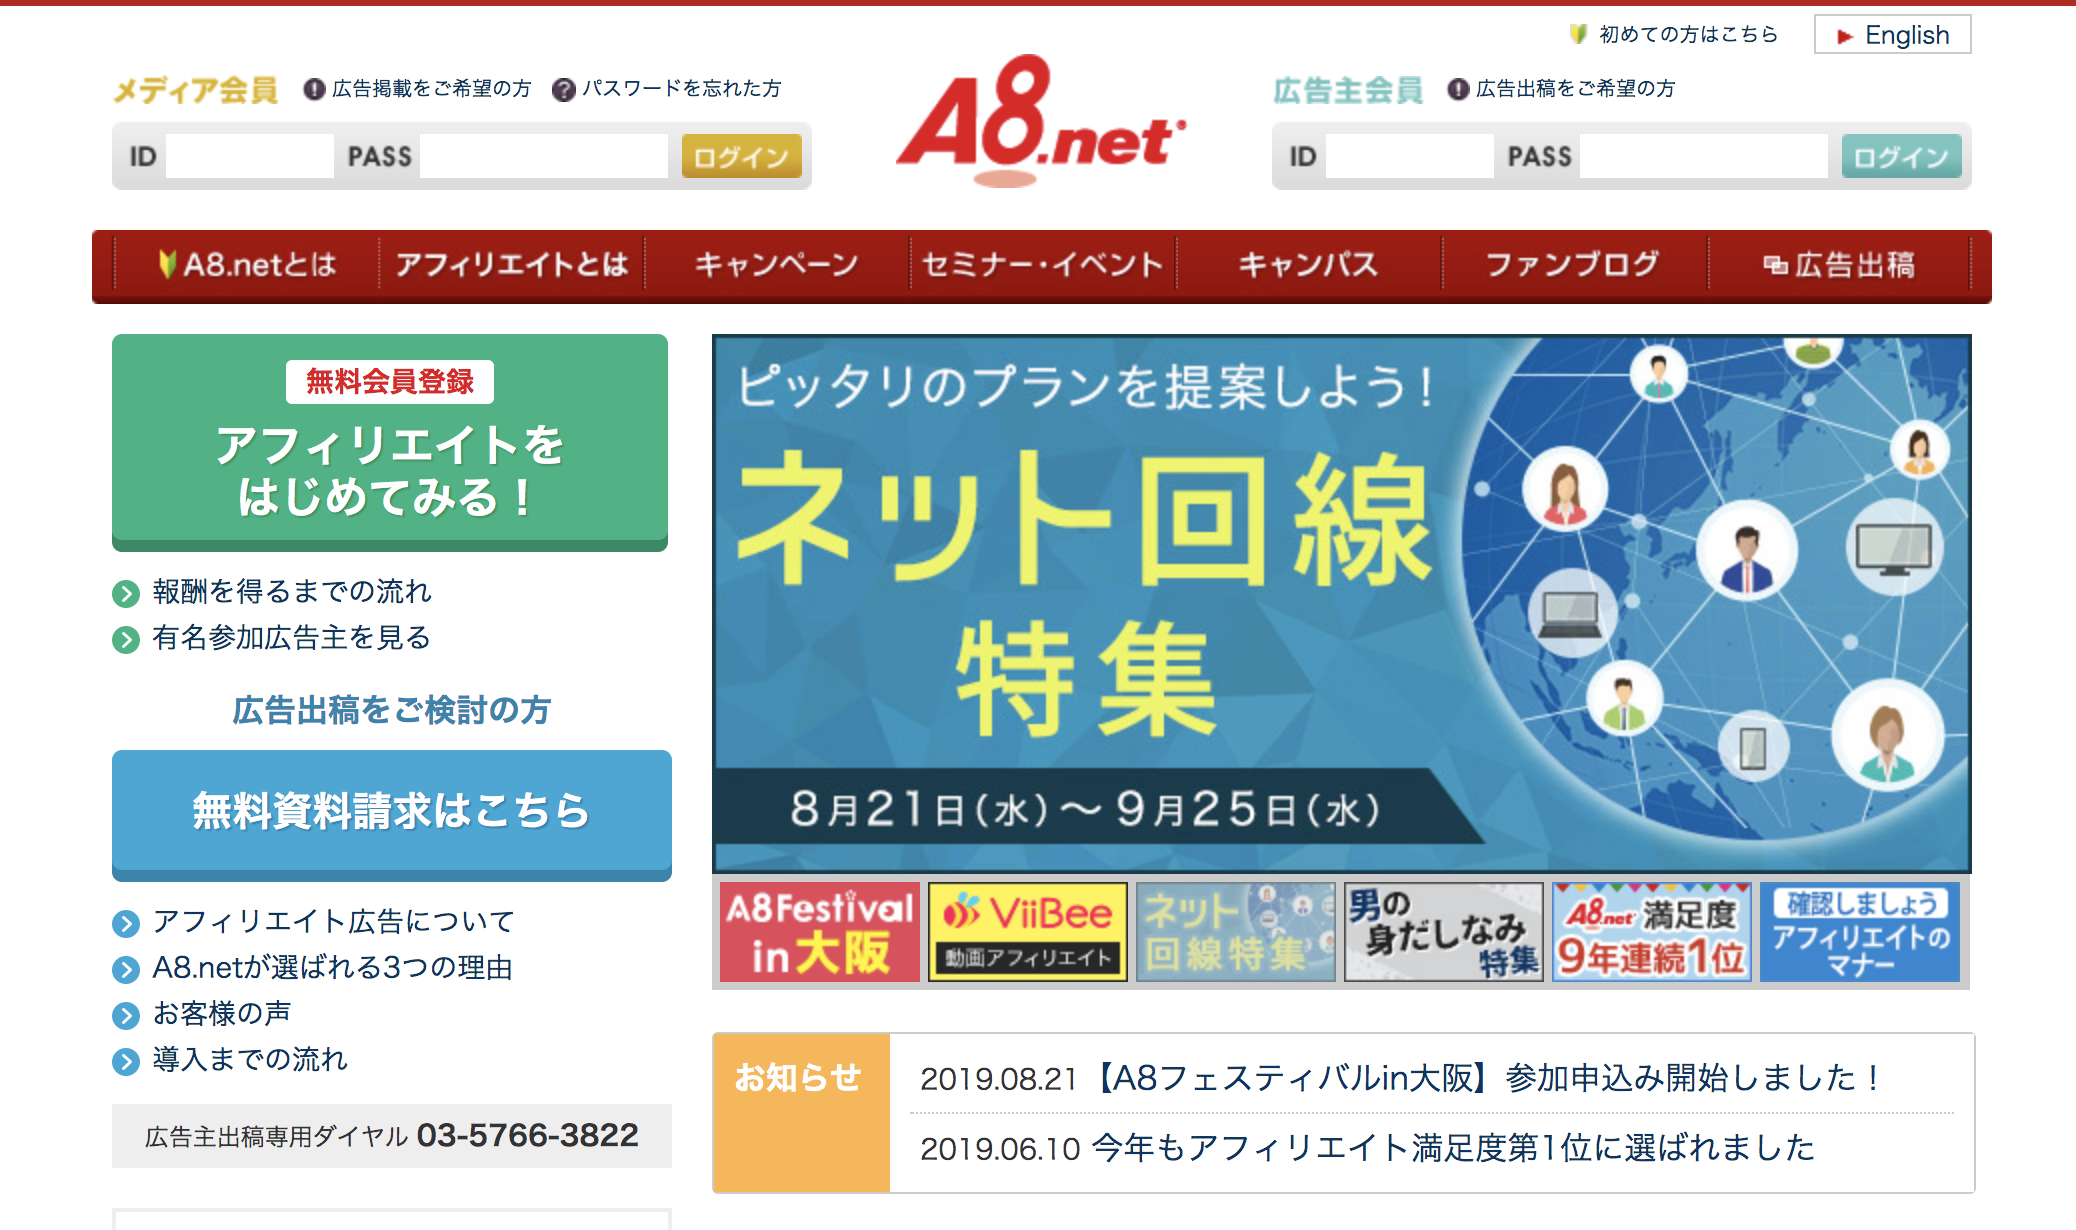 アフィリエイト ASP A8.net